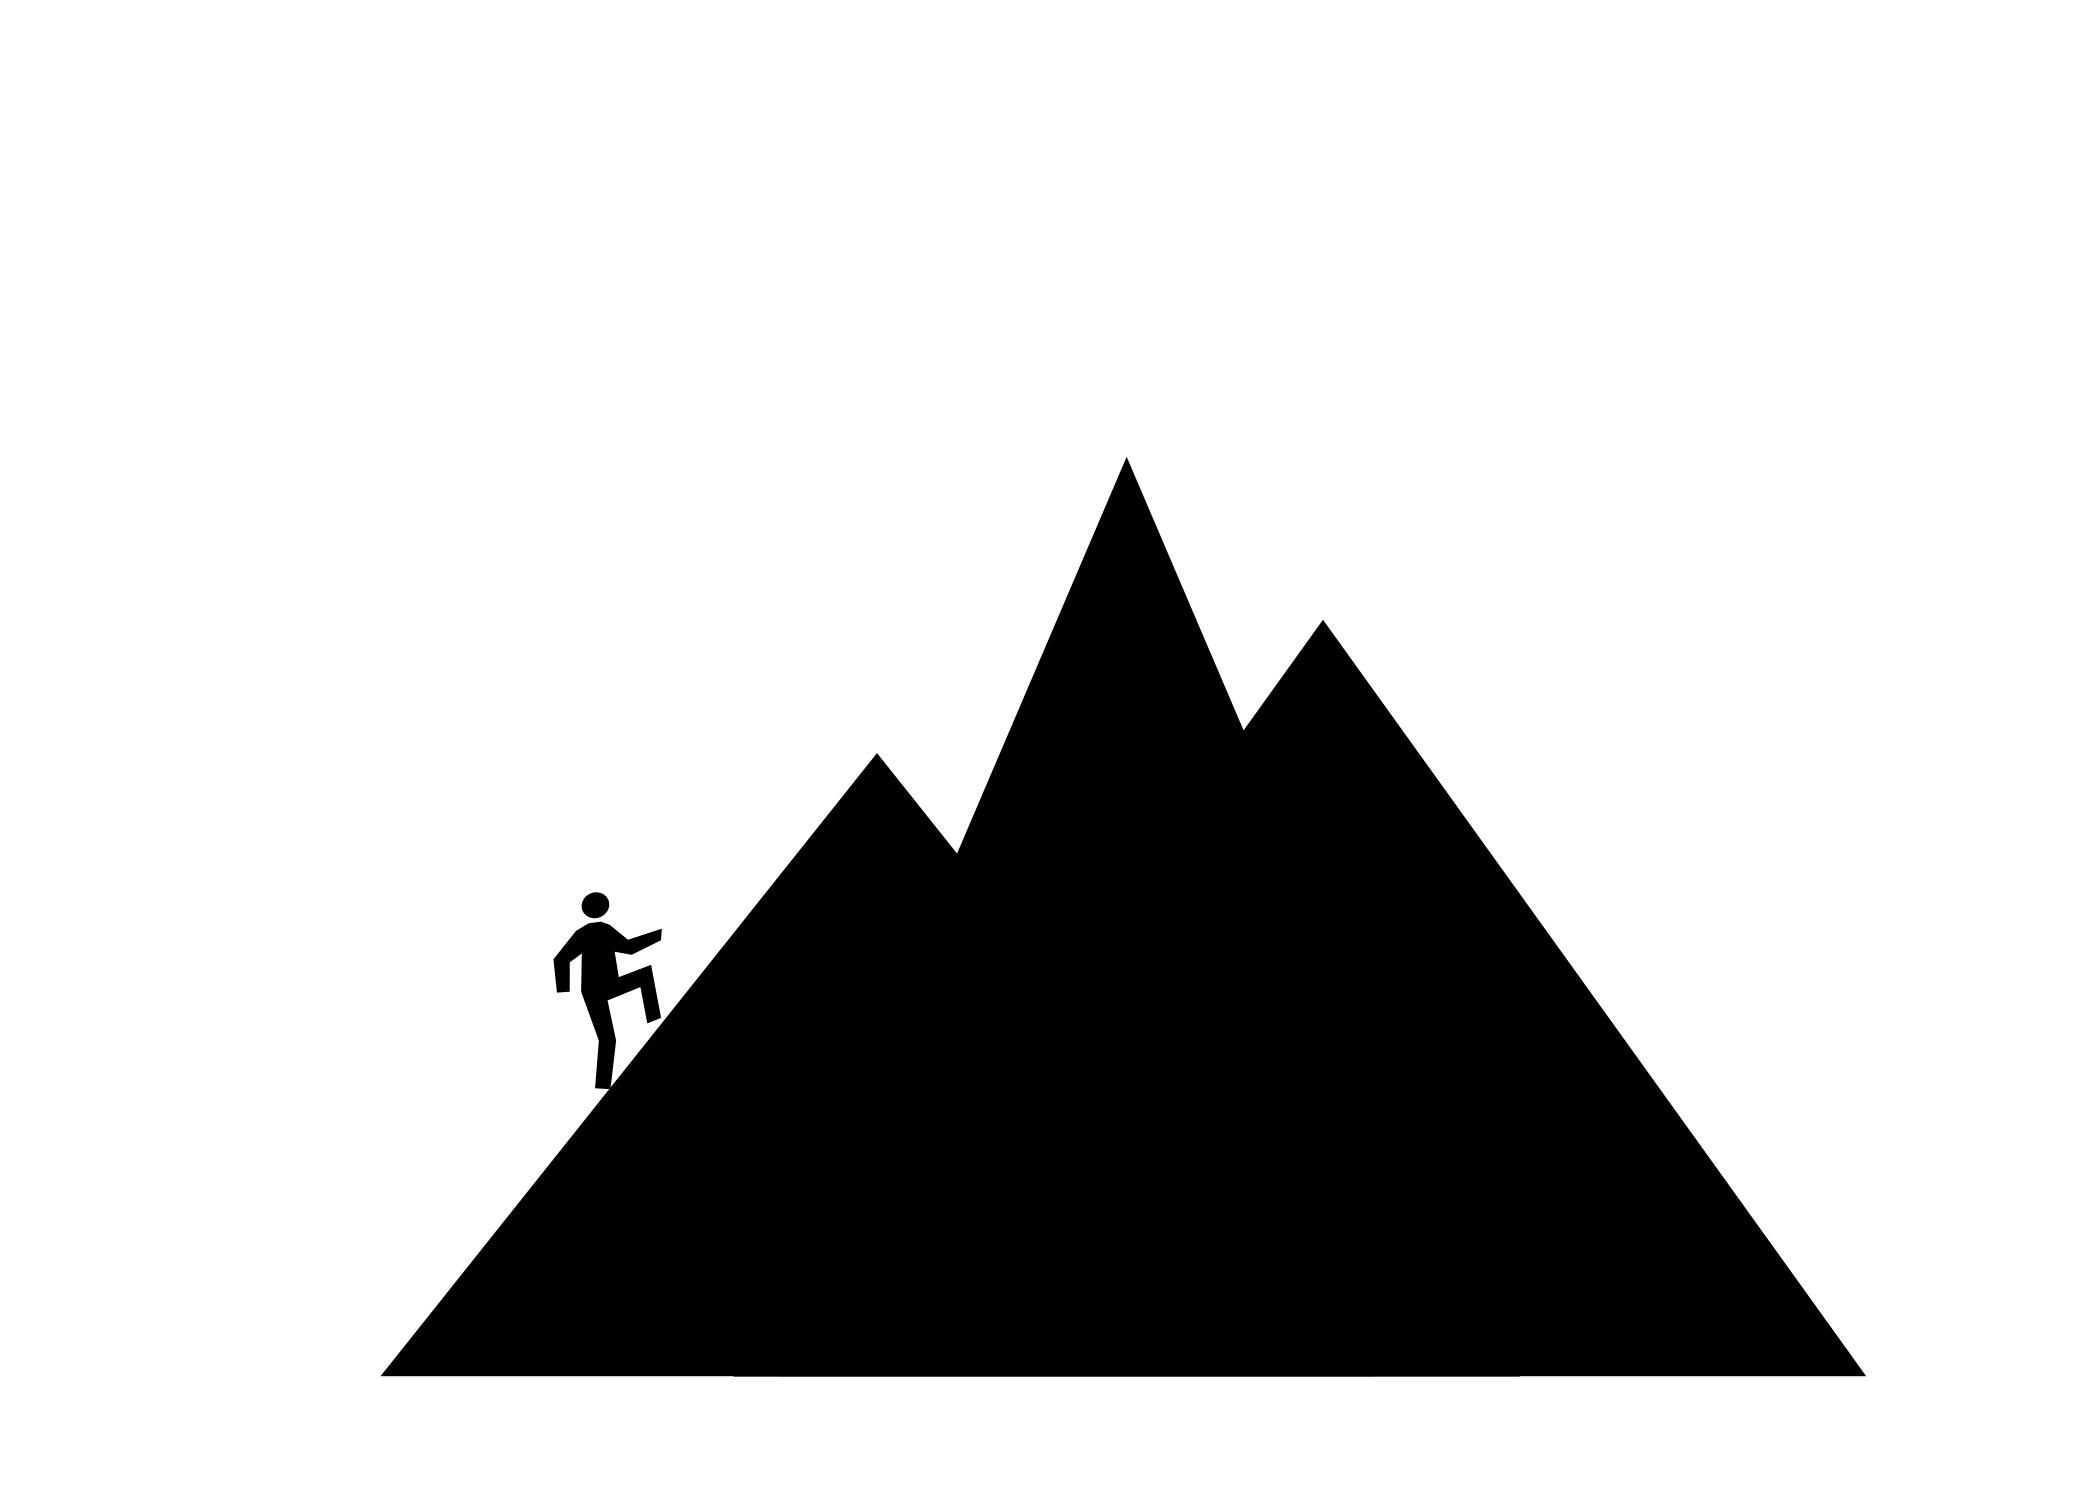 2100x1500 Clip art mountain library –